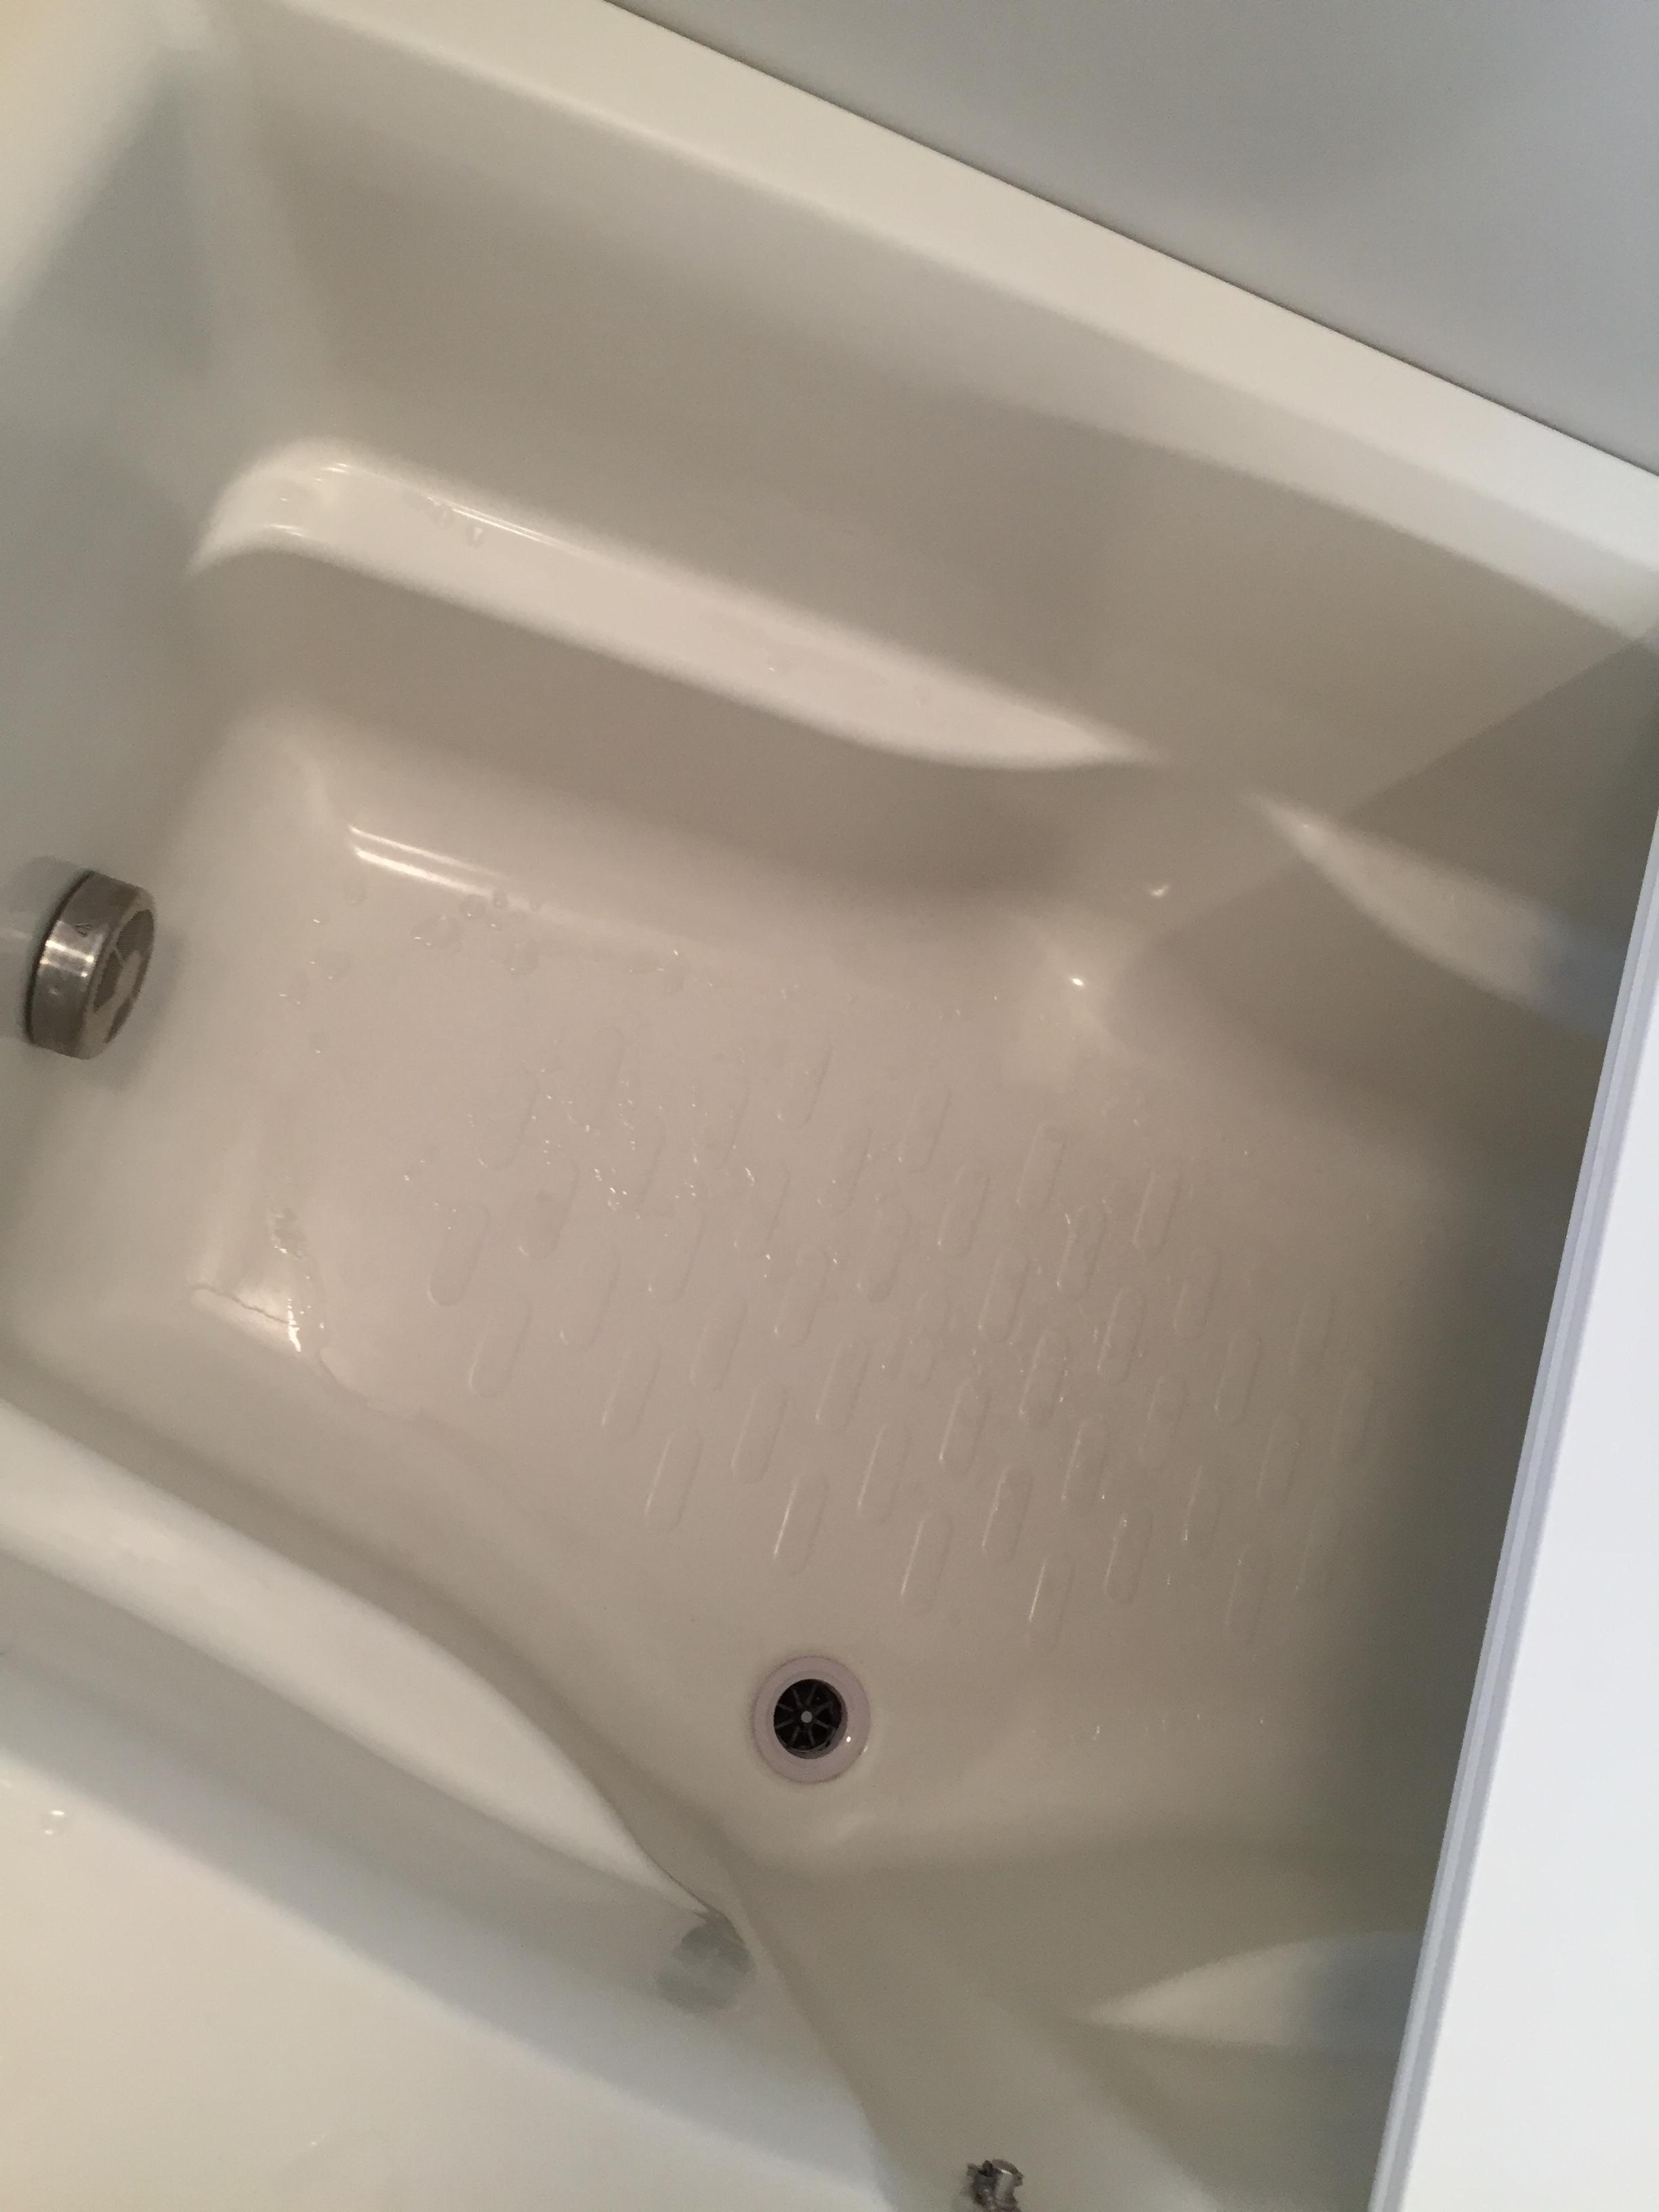 浴槽内は比較的キレイでした。